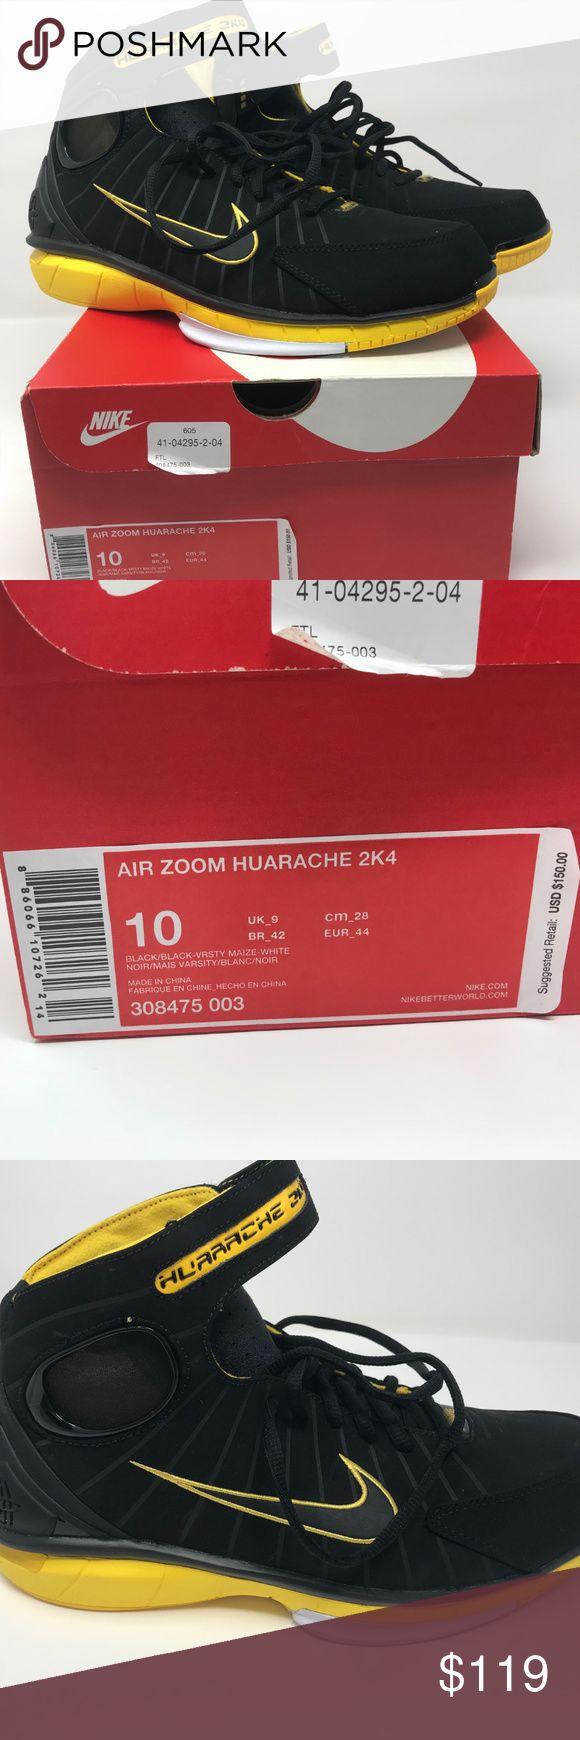 """New Men's Nike Air Zoom huarache 2K4 Shoes Size 10 New, NIB Nike Air Zoom Huarache 2K4 """"Kobe Bryant""""  Color: Black / Black - Varsity Maize - White  Product #: 308475 003  Size 10 Nike Shoes"""